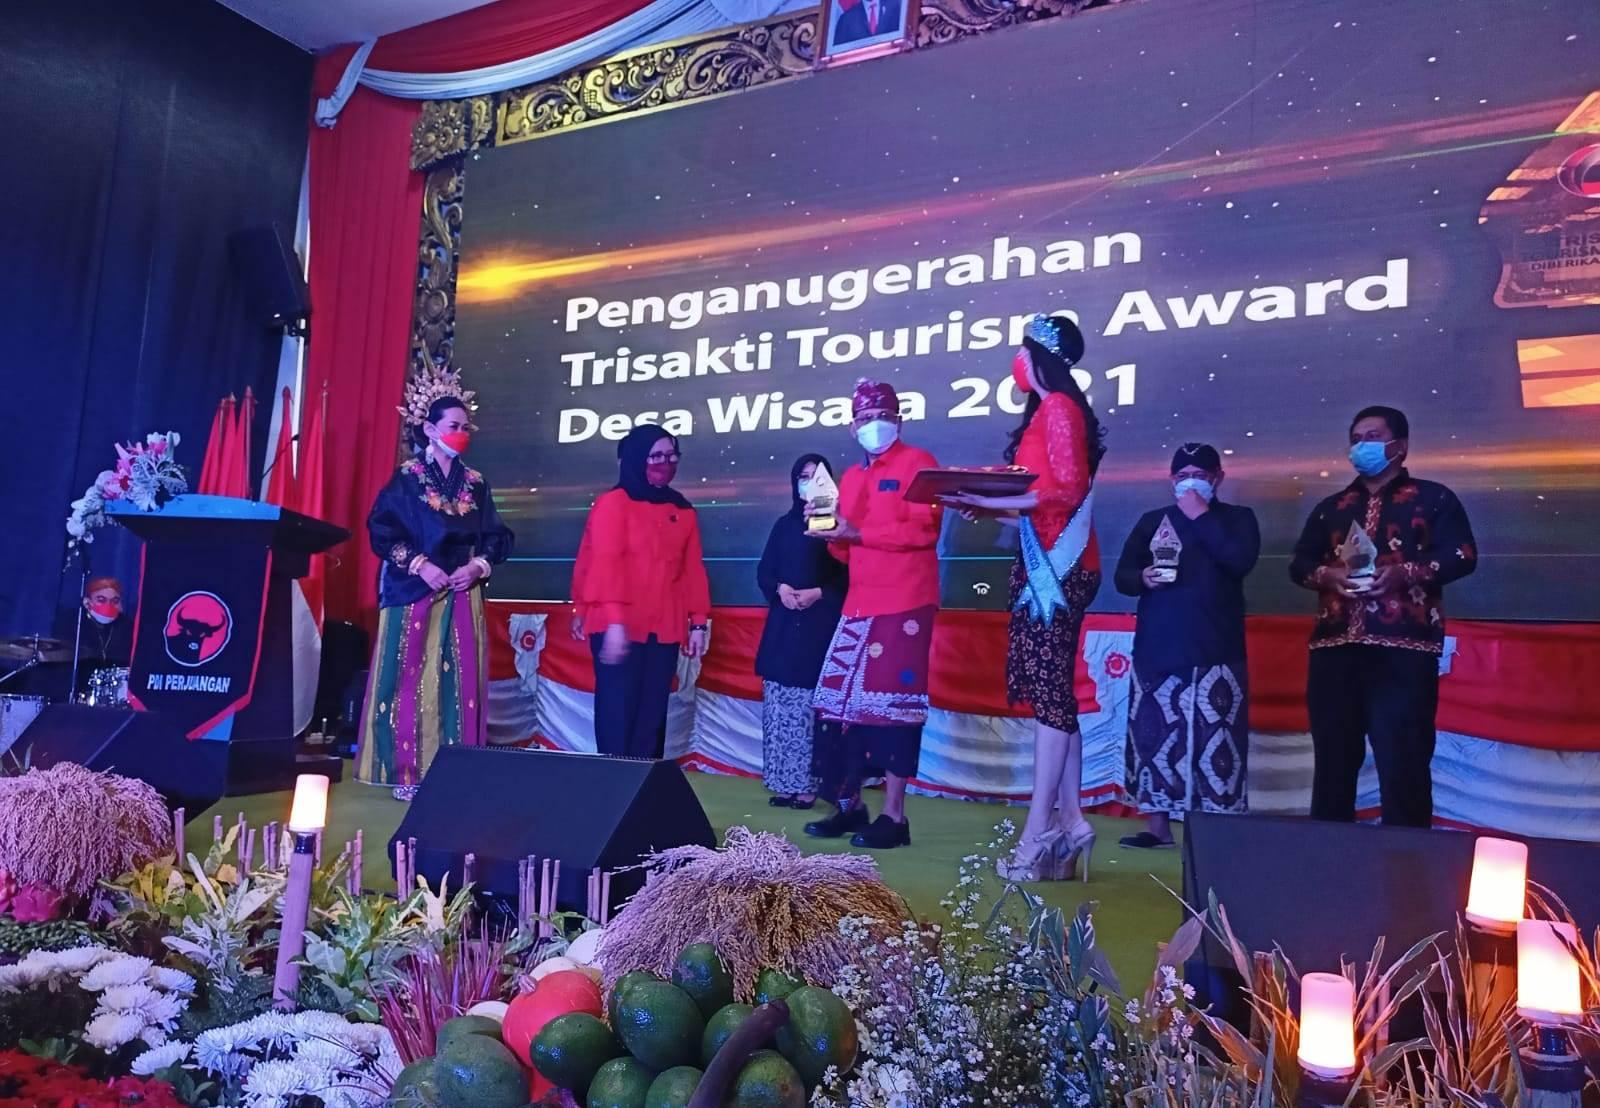 DESA Pujungan, Kecamatan Pupuan, Tabanan, meraih penghargaan Trisakti Tourism Award 2021. Penghargaan tersebut diterimakan kepada Asisten Perekonomian dan Pembangunan, I Wayan Kotio, di Jakarta, baru-baru ini. Foto: ist